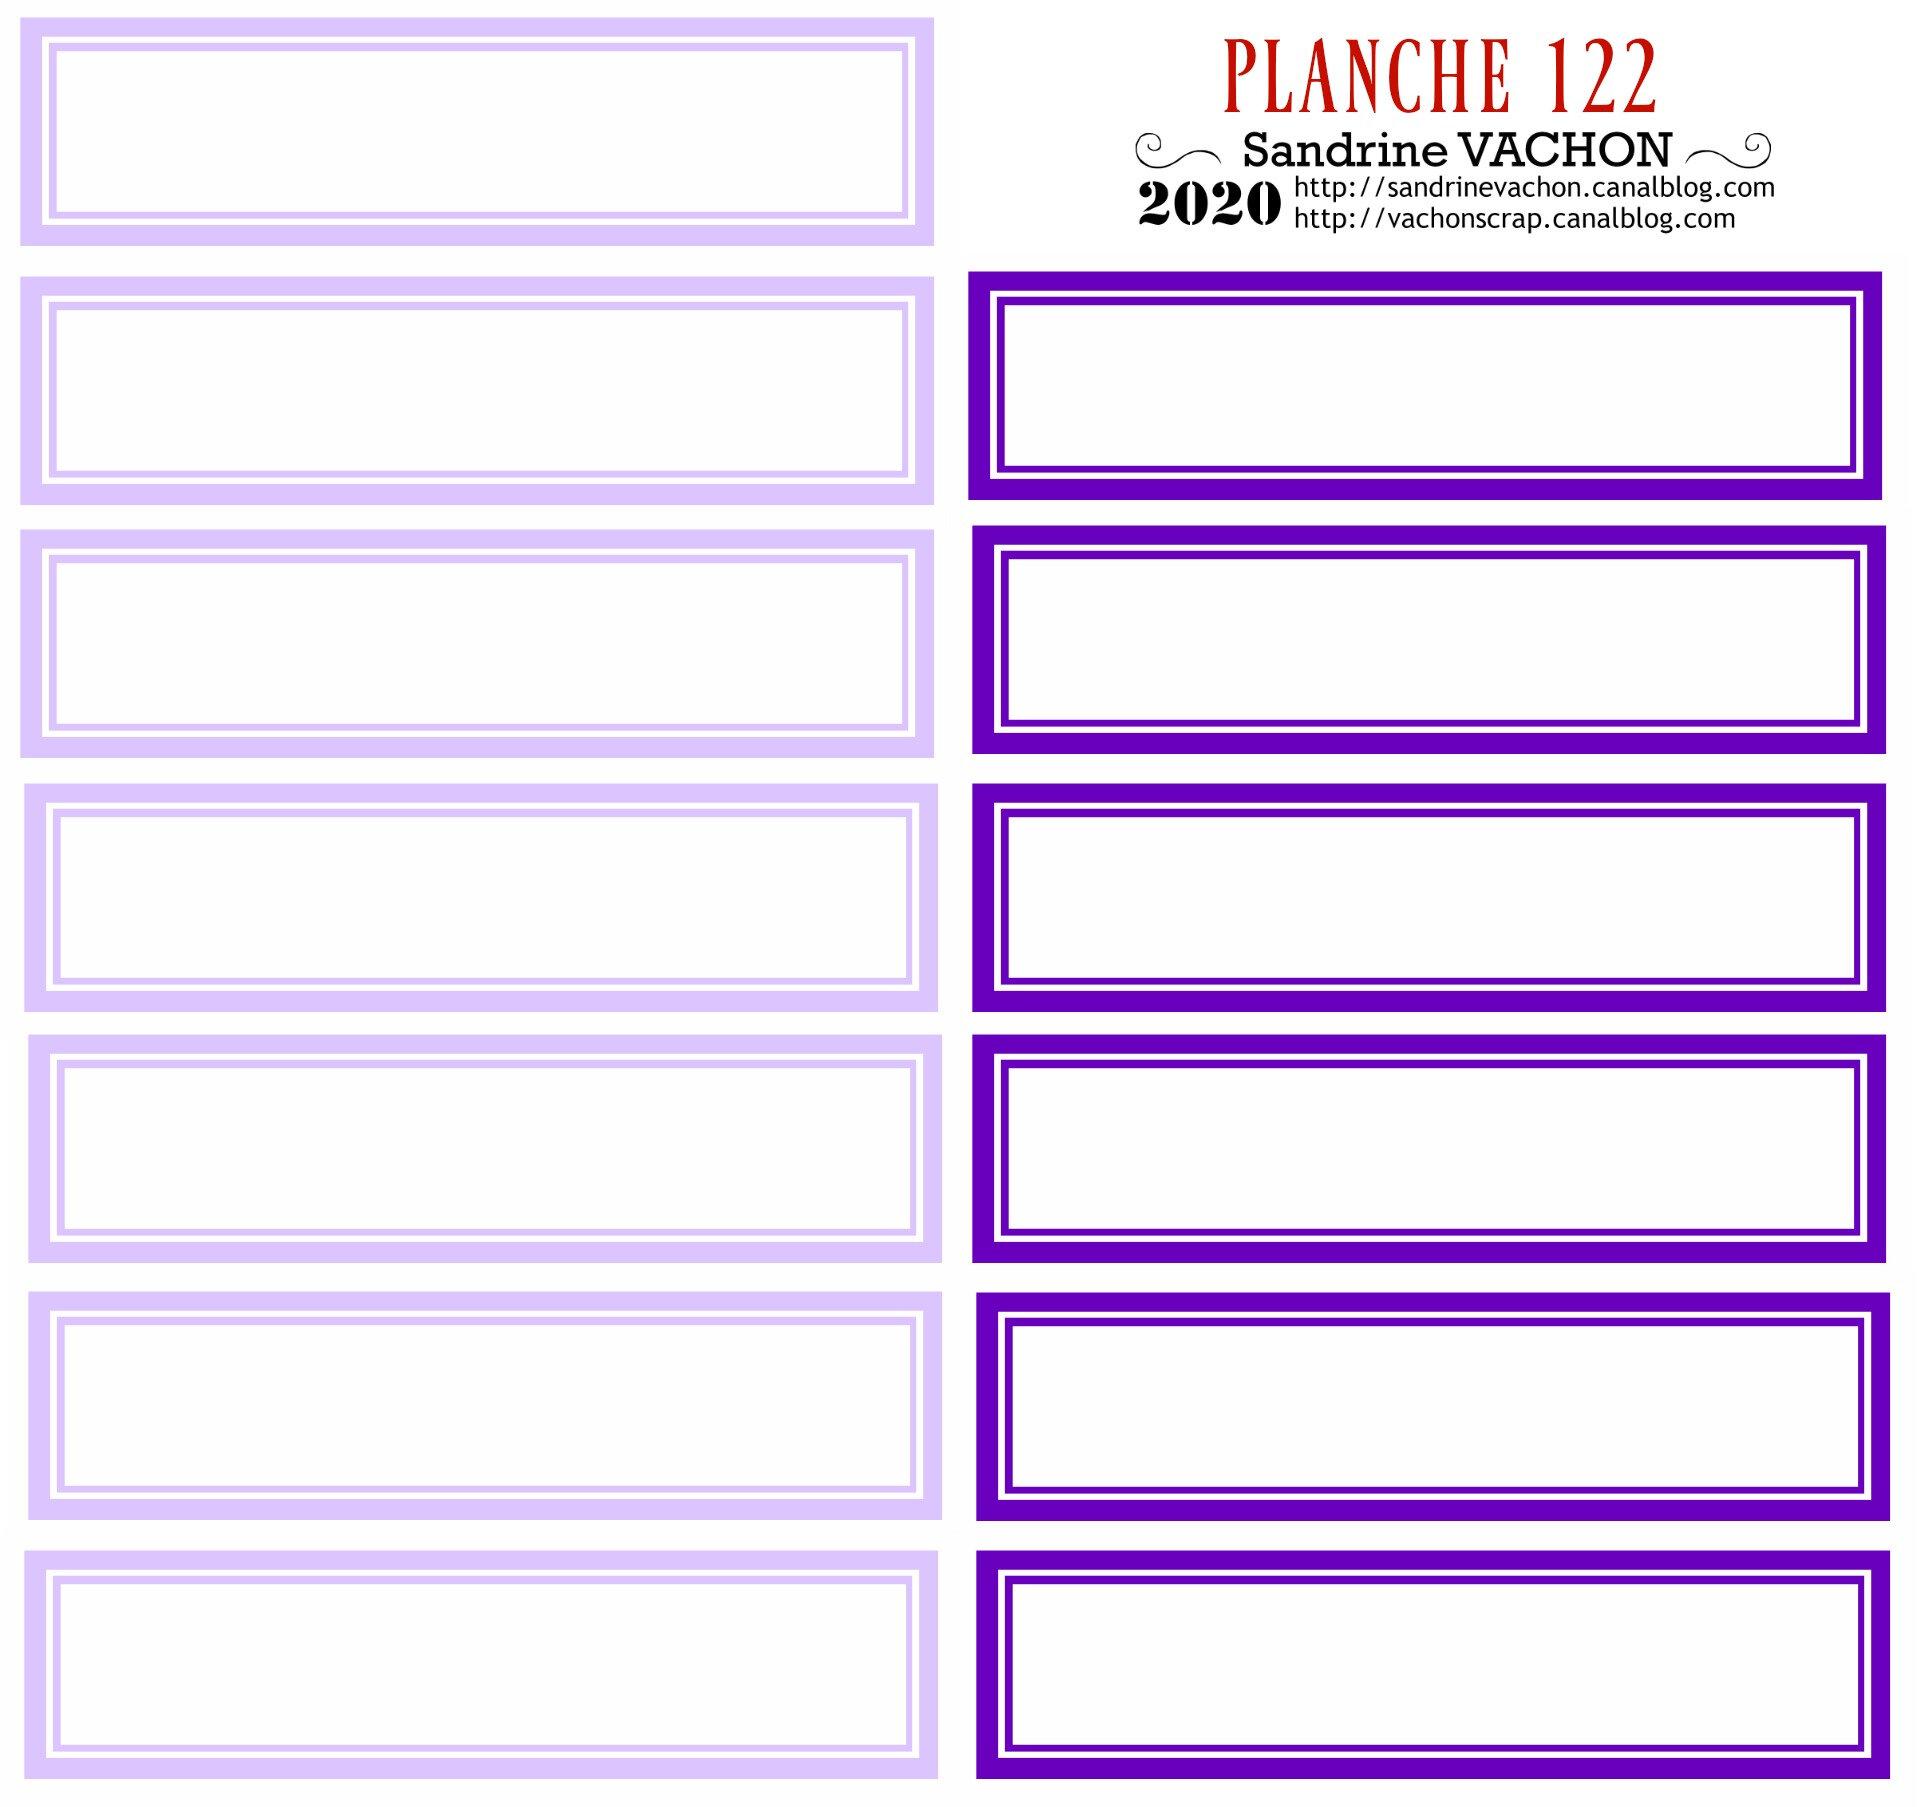 PLANCHE 122 violet